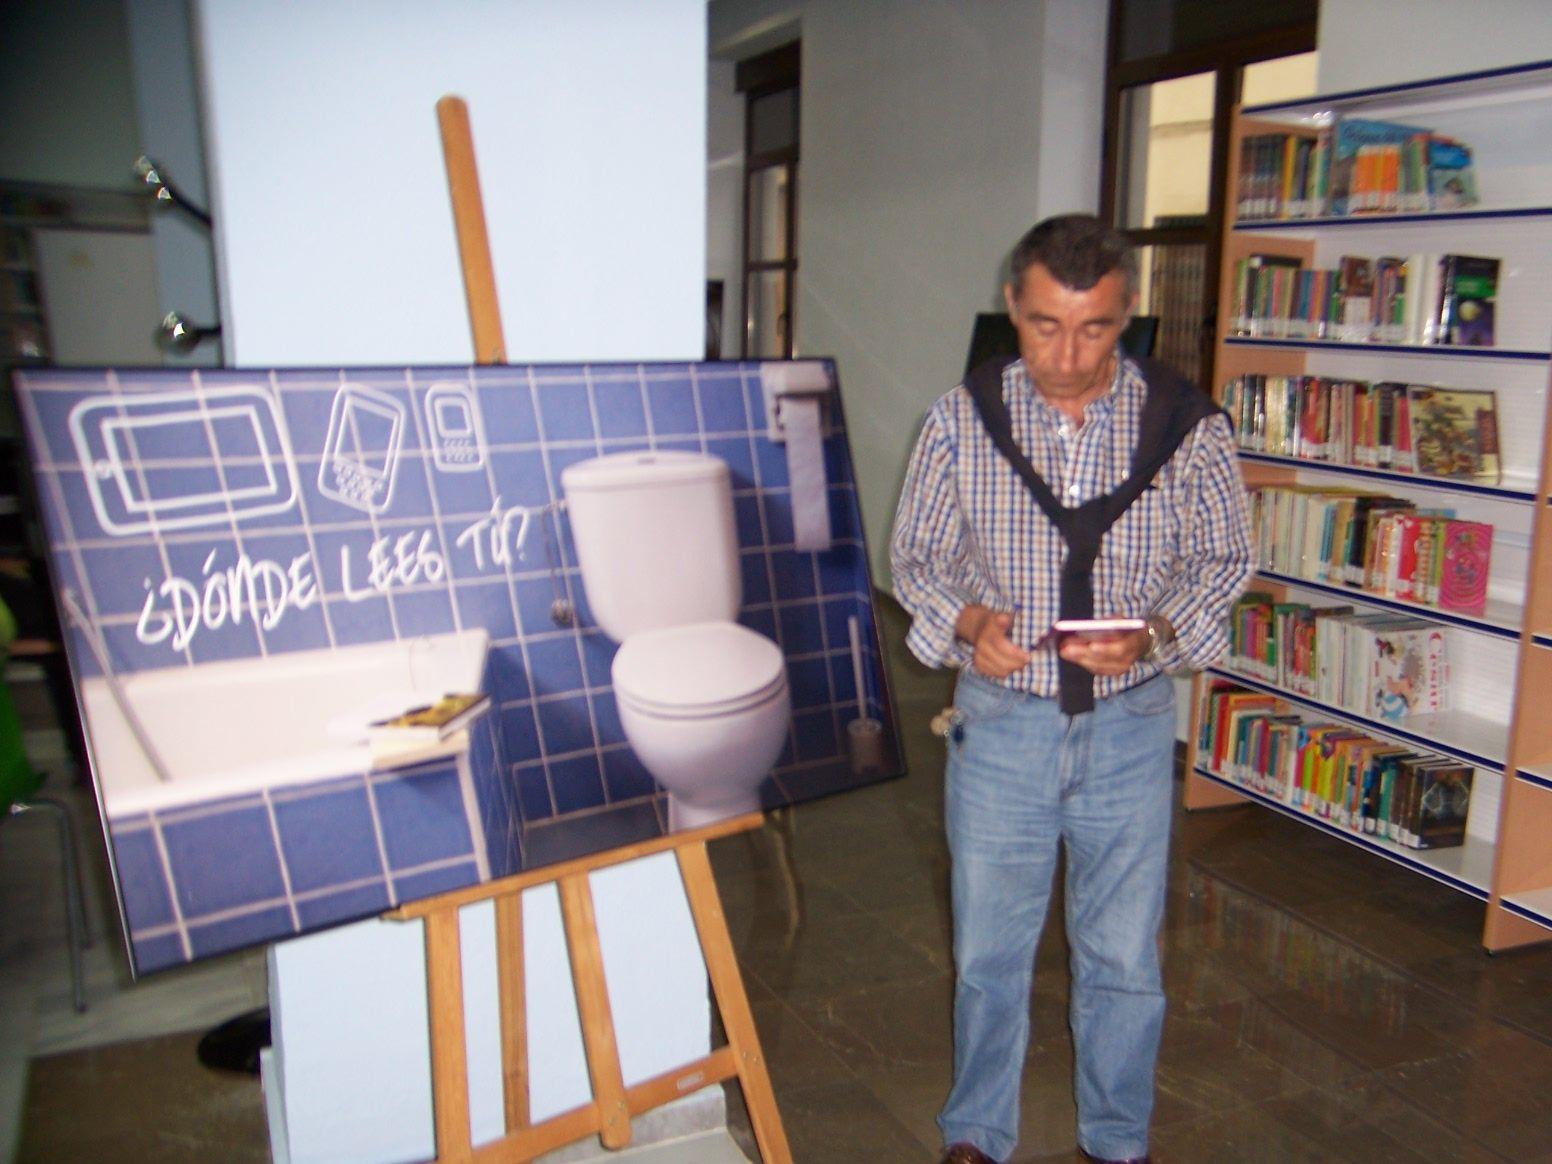 """Exposición ¿Dónde lees tú? en la Biblioteca Pública Municipal """"Casimiro Barbado González"""" de Cabeza del Buey (Badajoz)"""